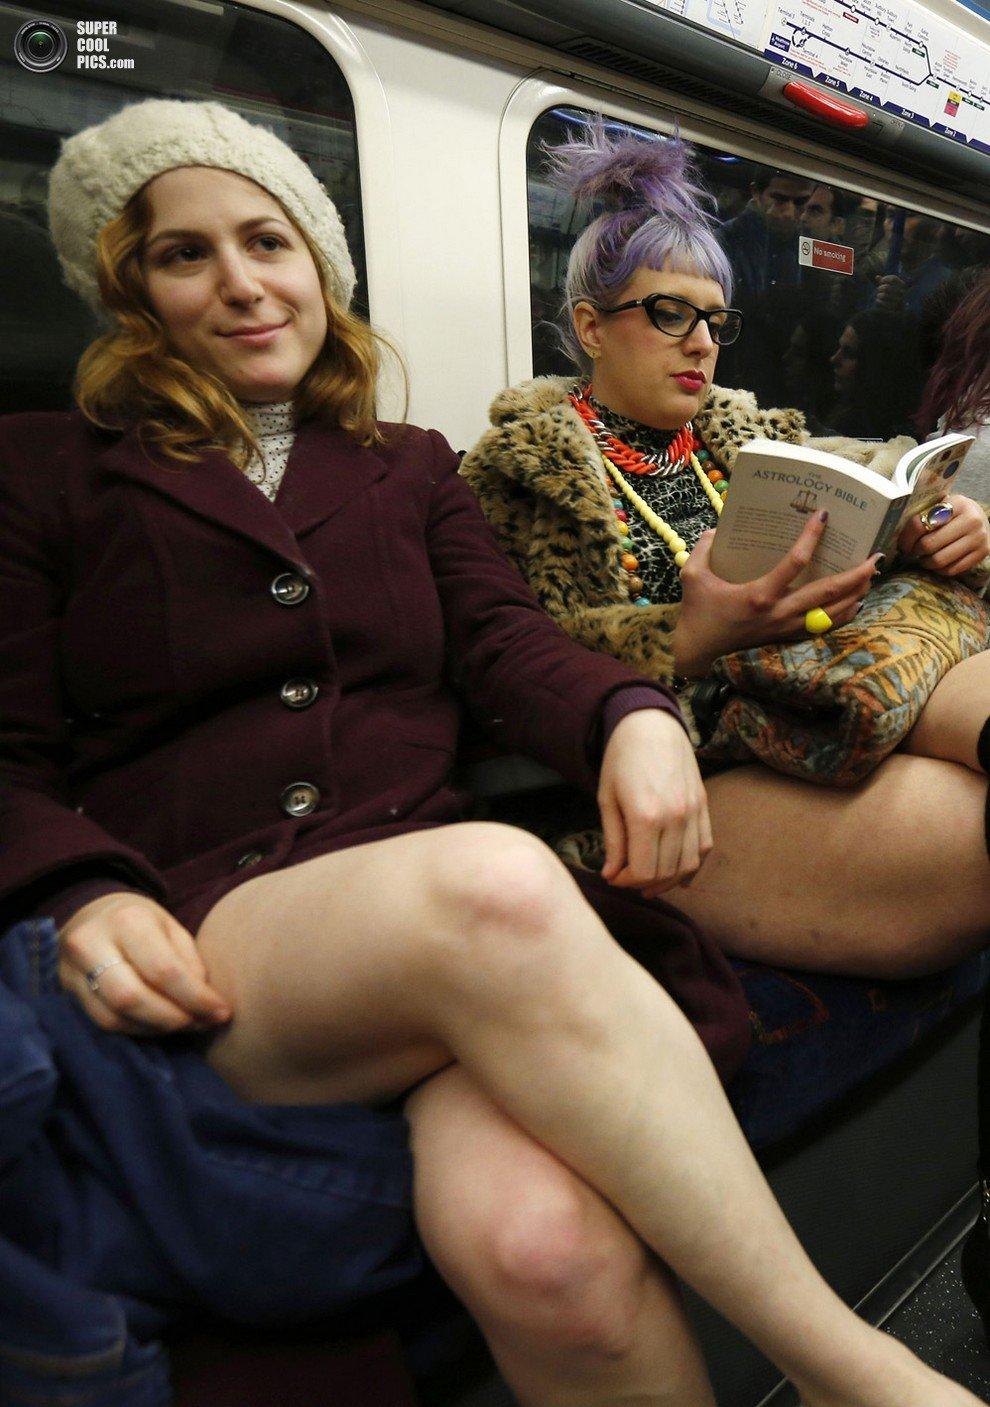 Фото сидя в транспорте без трусов фото 249-61